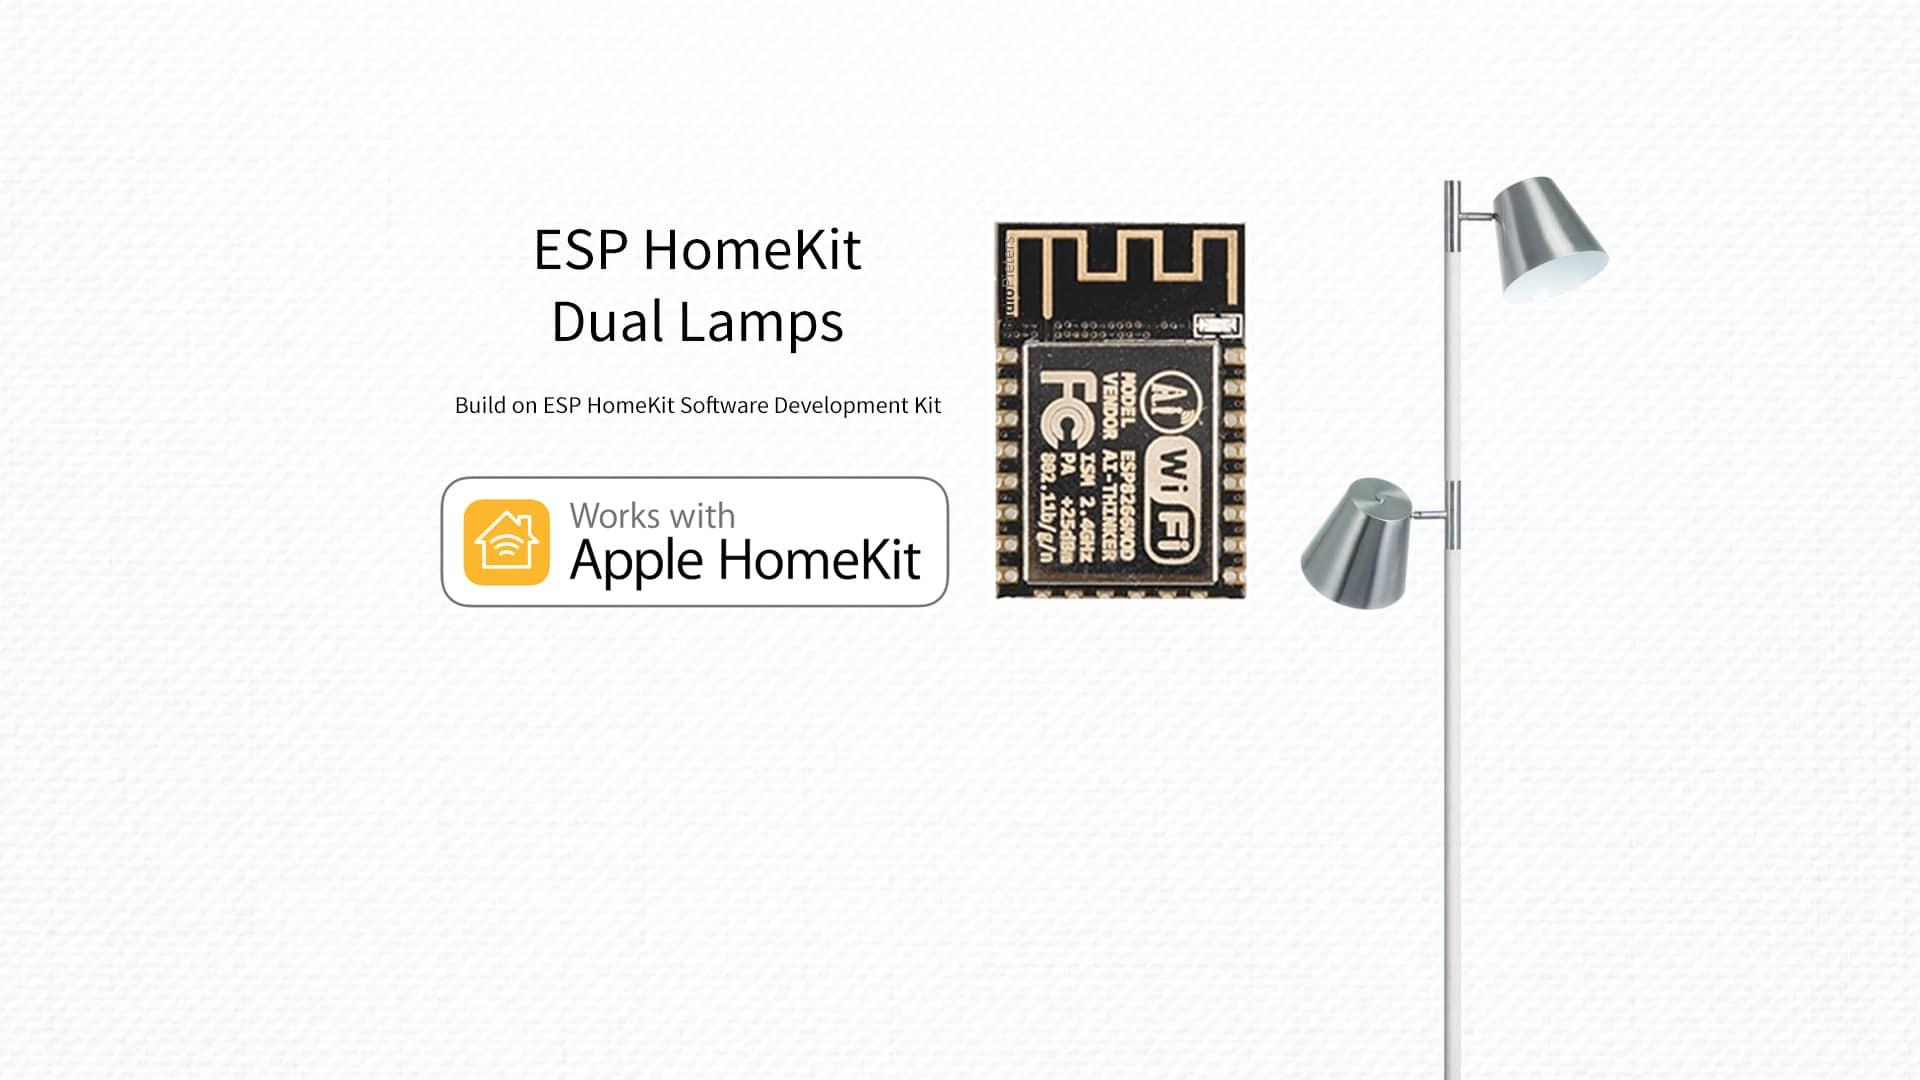 ESP8266 – HomeKit Dual Lamps